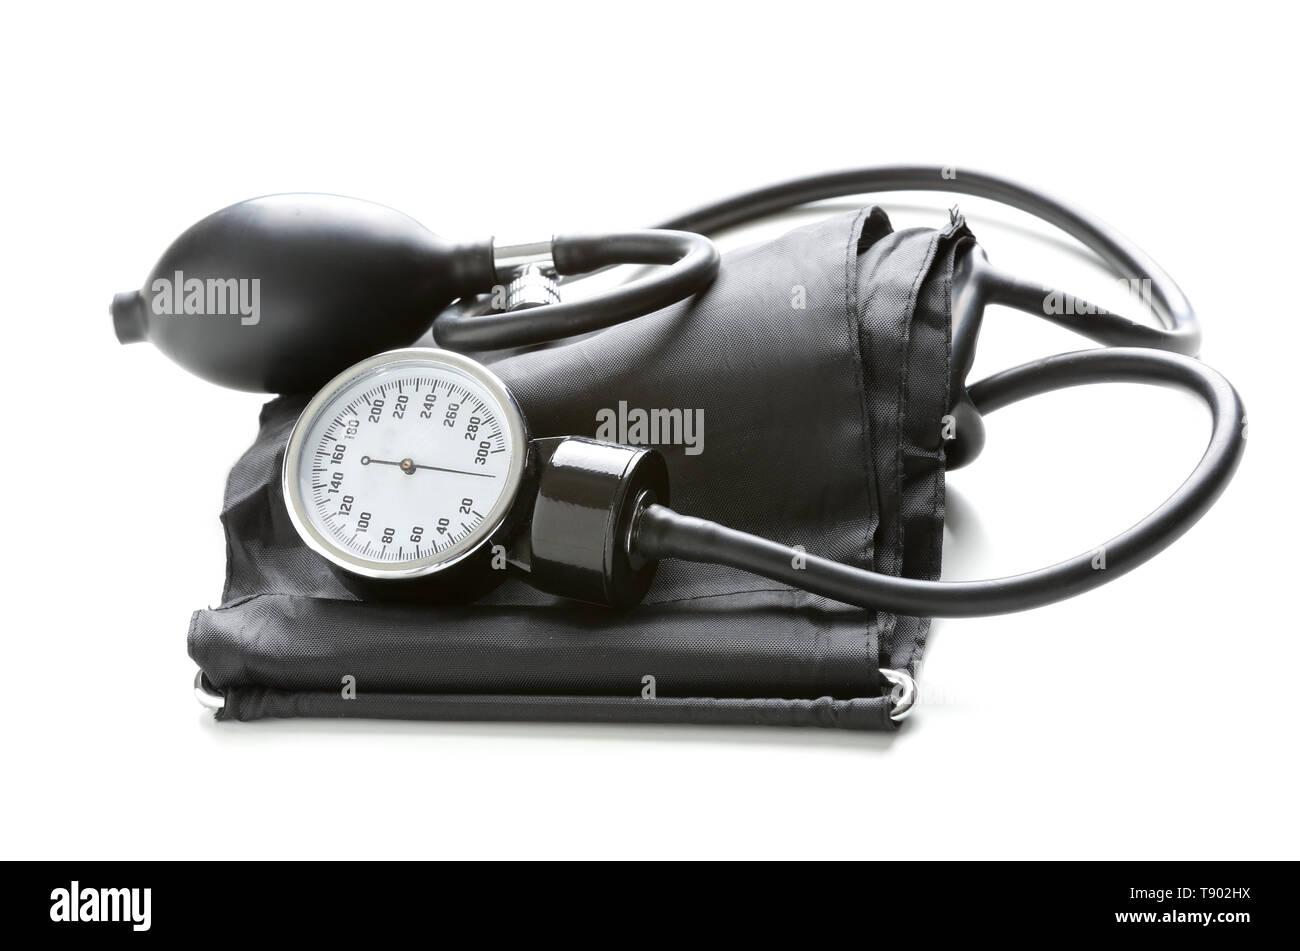 Sphygmomanometer on white background - Stock Image